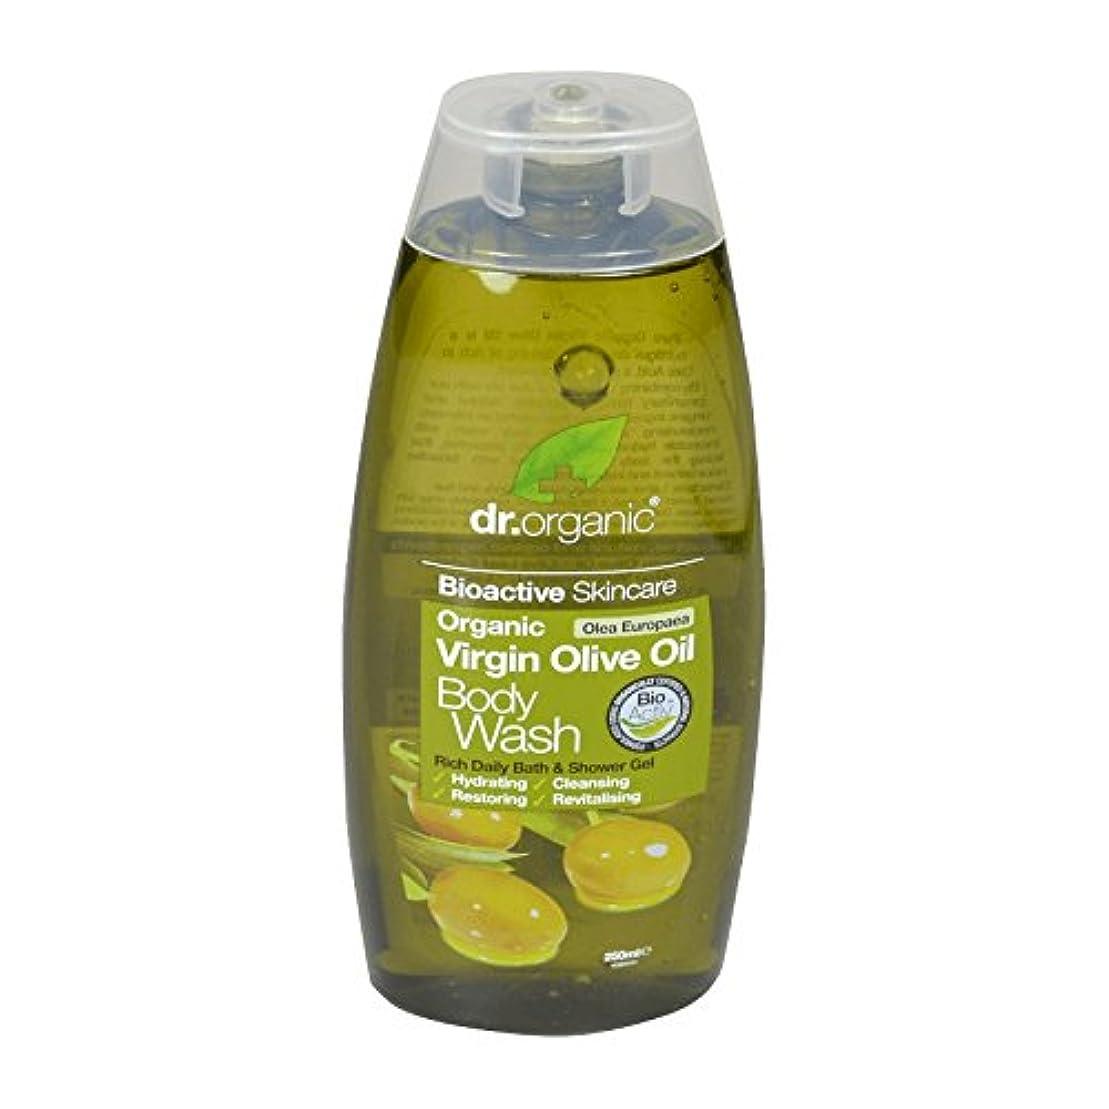 経験的属性理想的Dr Organic Virgin Olive Oil Body Wash (Pack of 6) - Dr有機バージンオリーブオイルボディウォッシュ (x6) [並行輸入品]